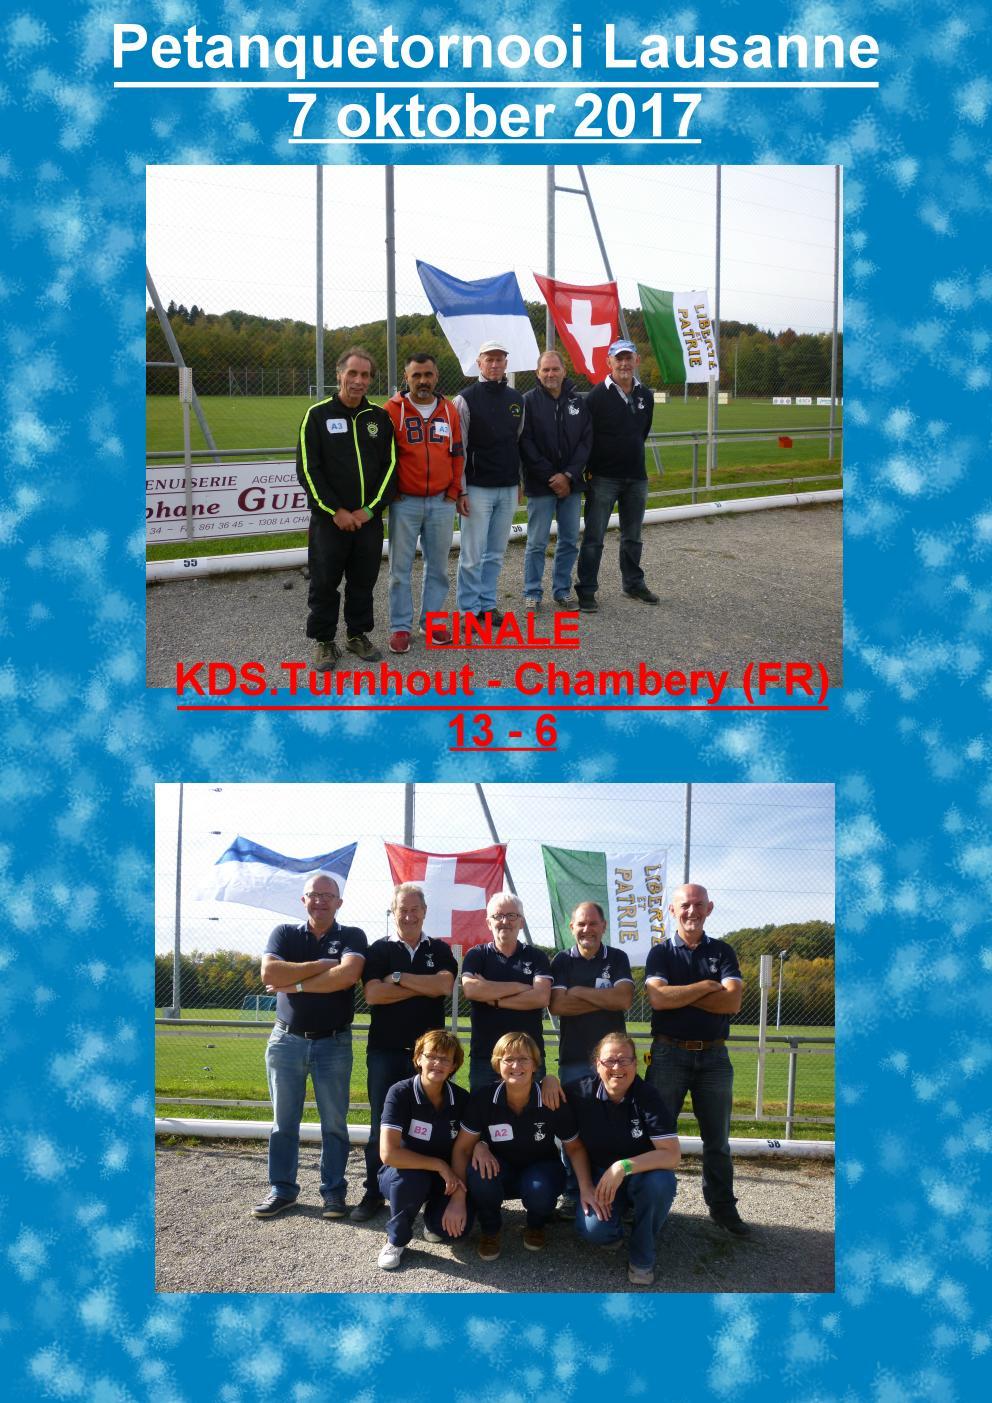 KDS.Turnhout